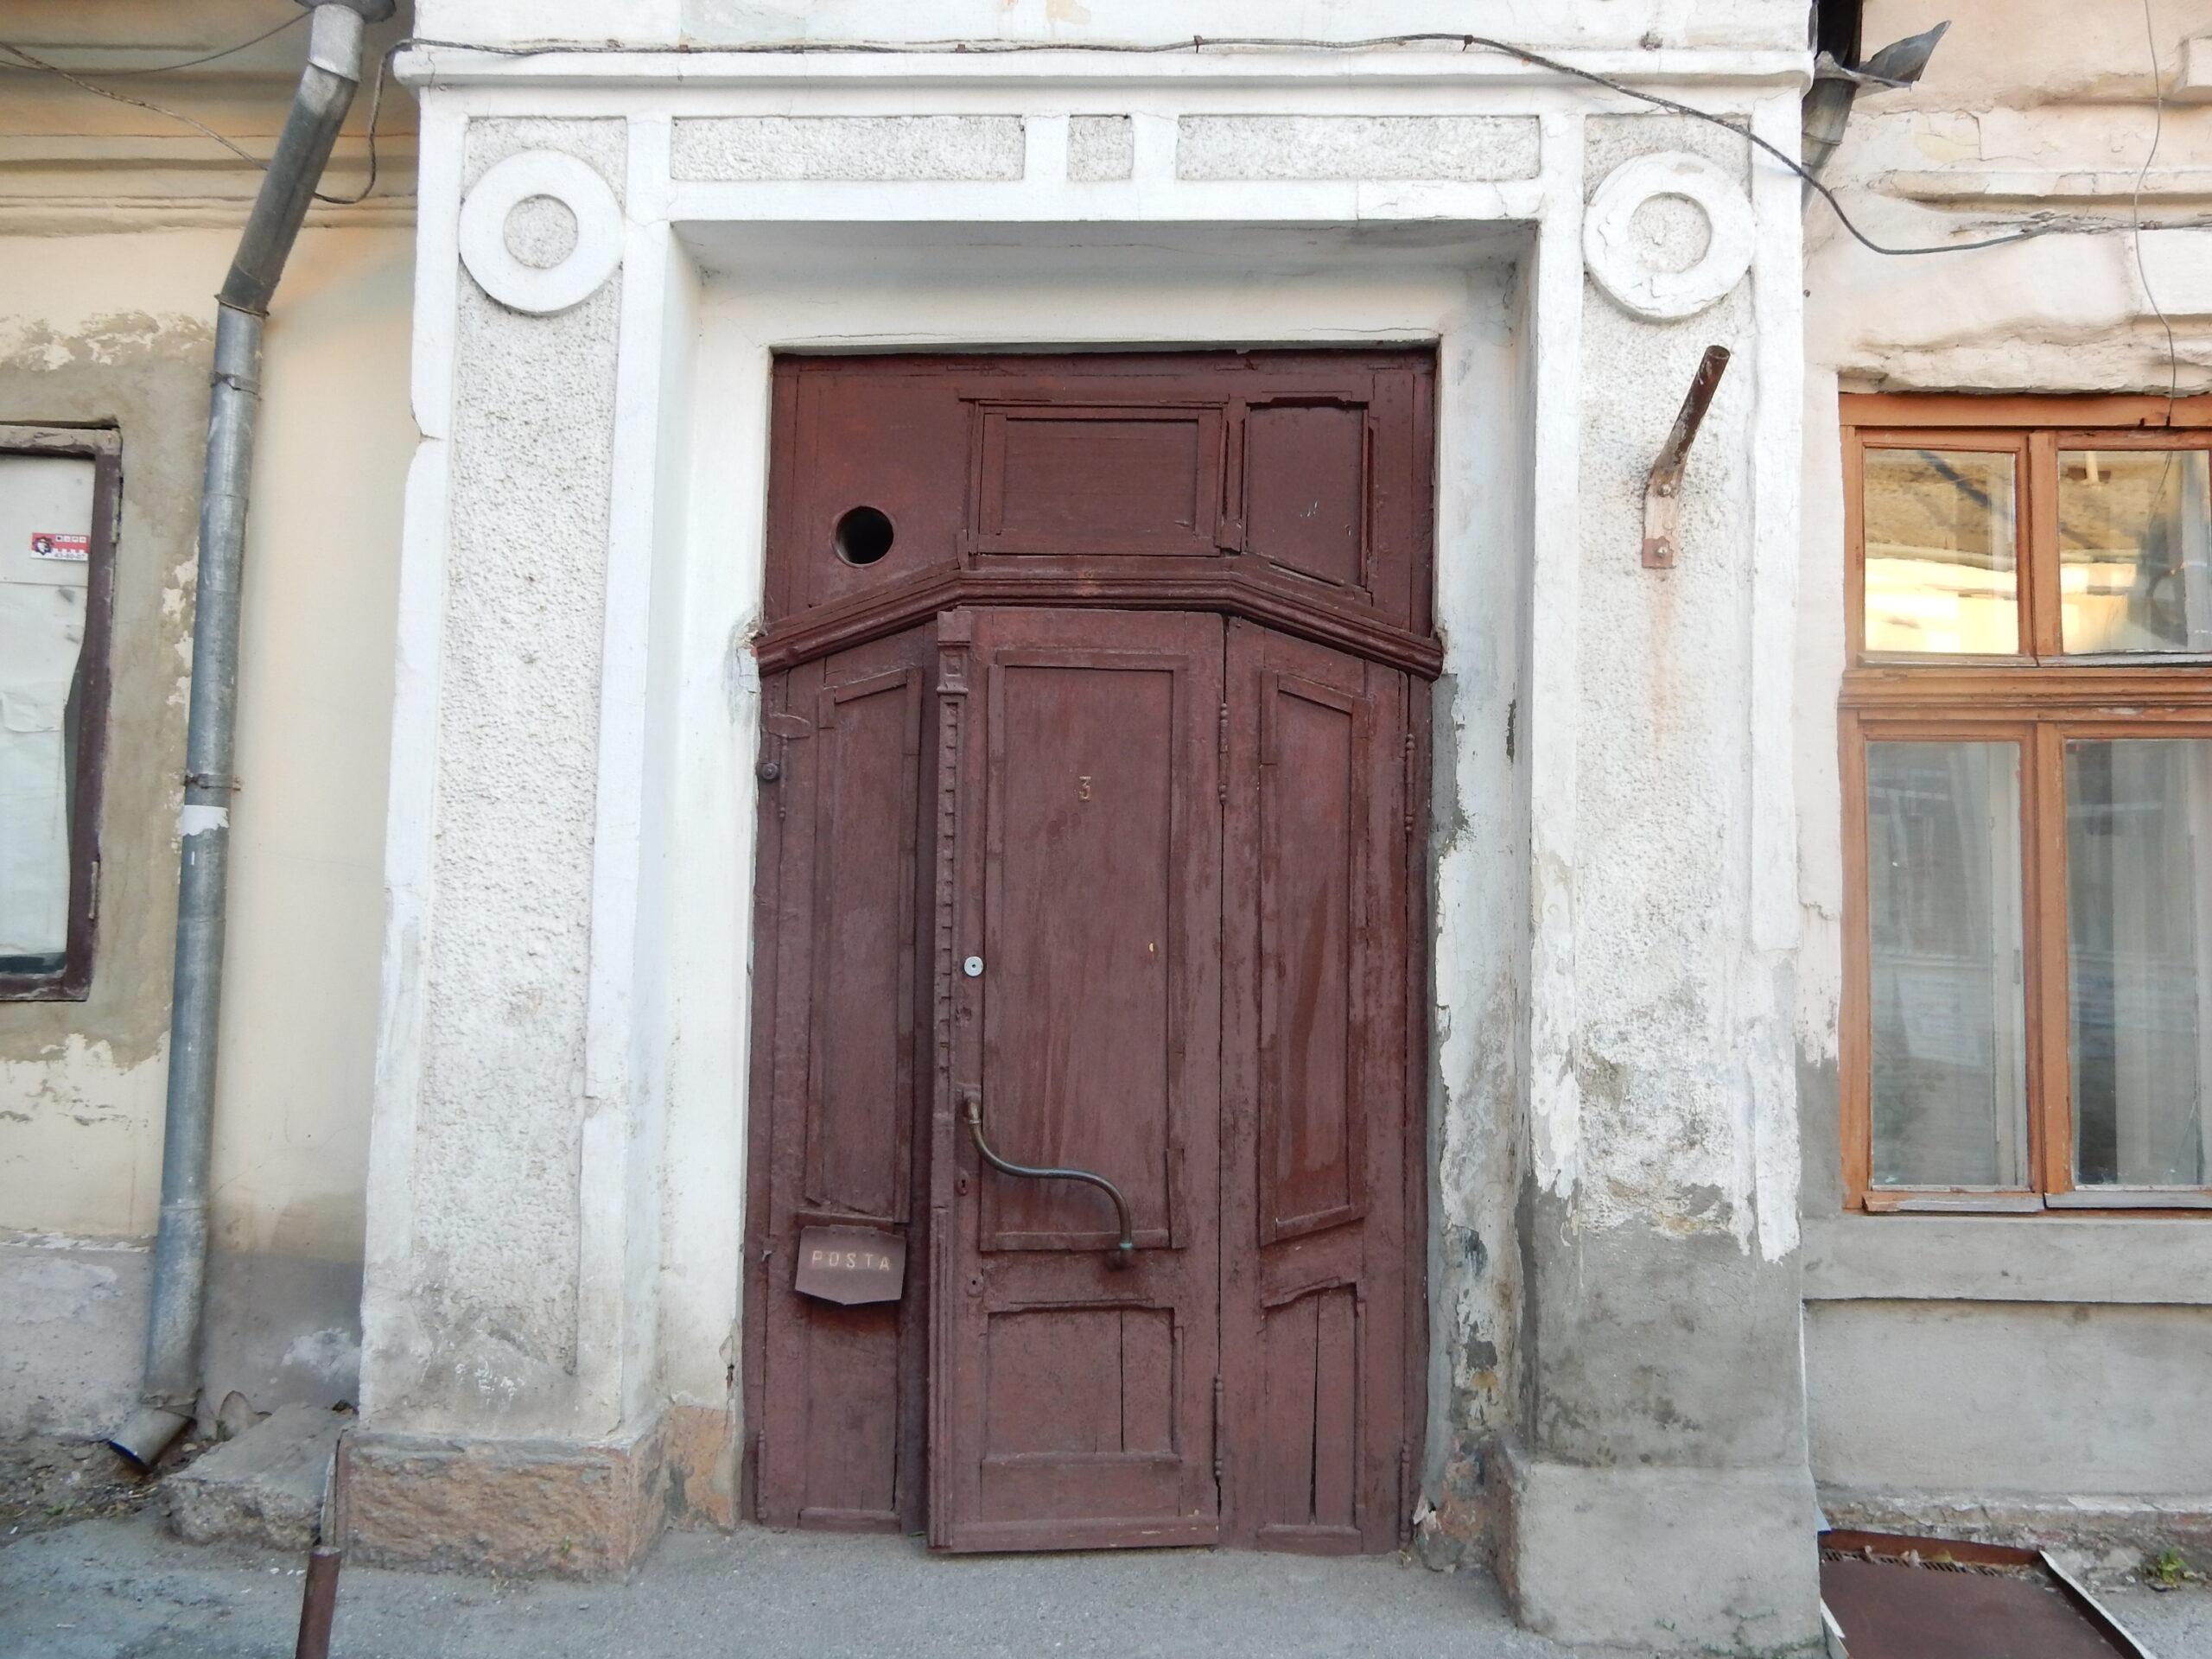 Str. Teatrală 5. Monument istoric de categorie națională. Ușa a fost recent demolată. Arhiva Anettei Dabija